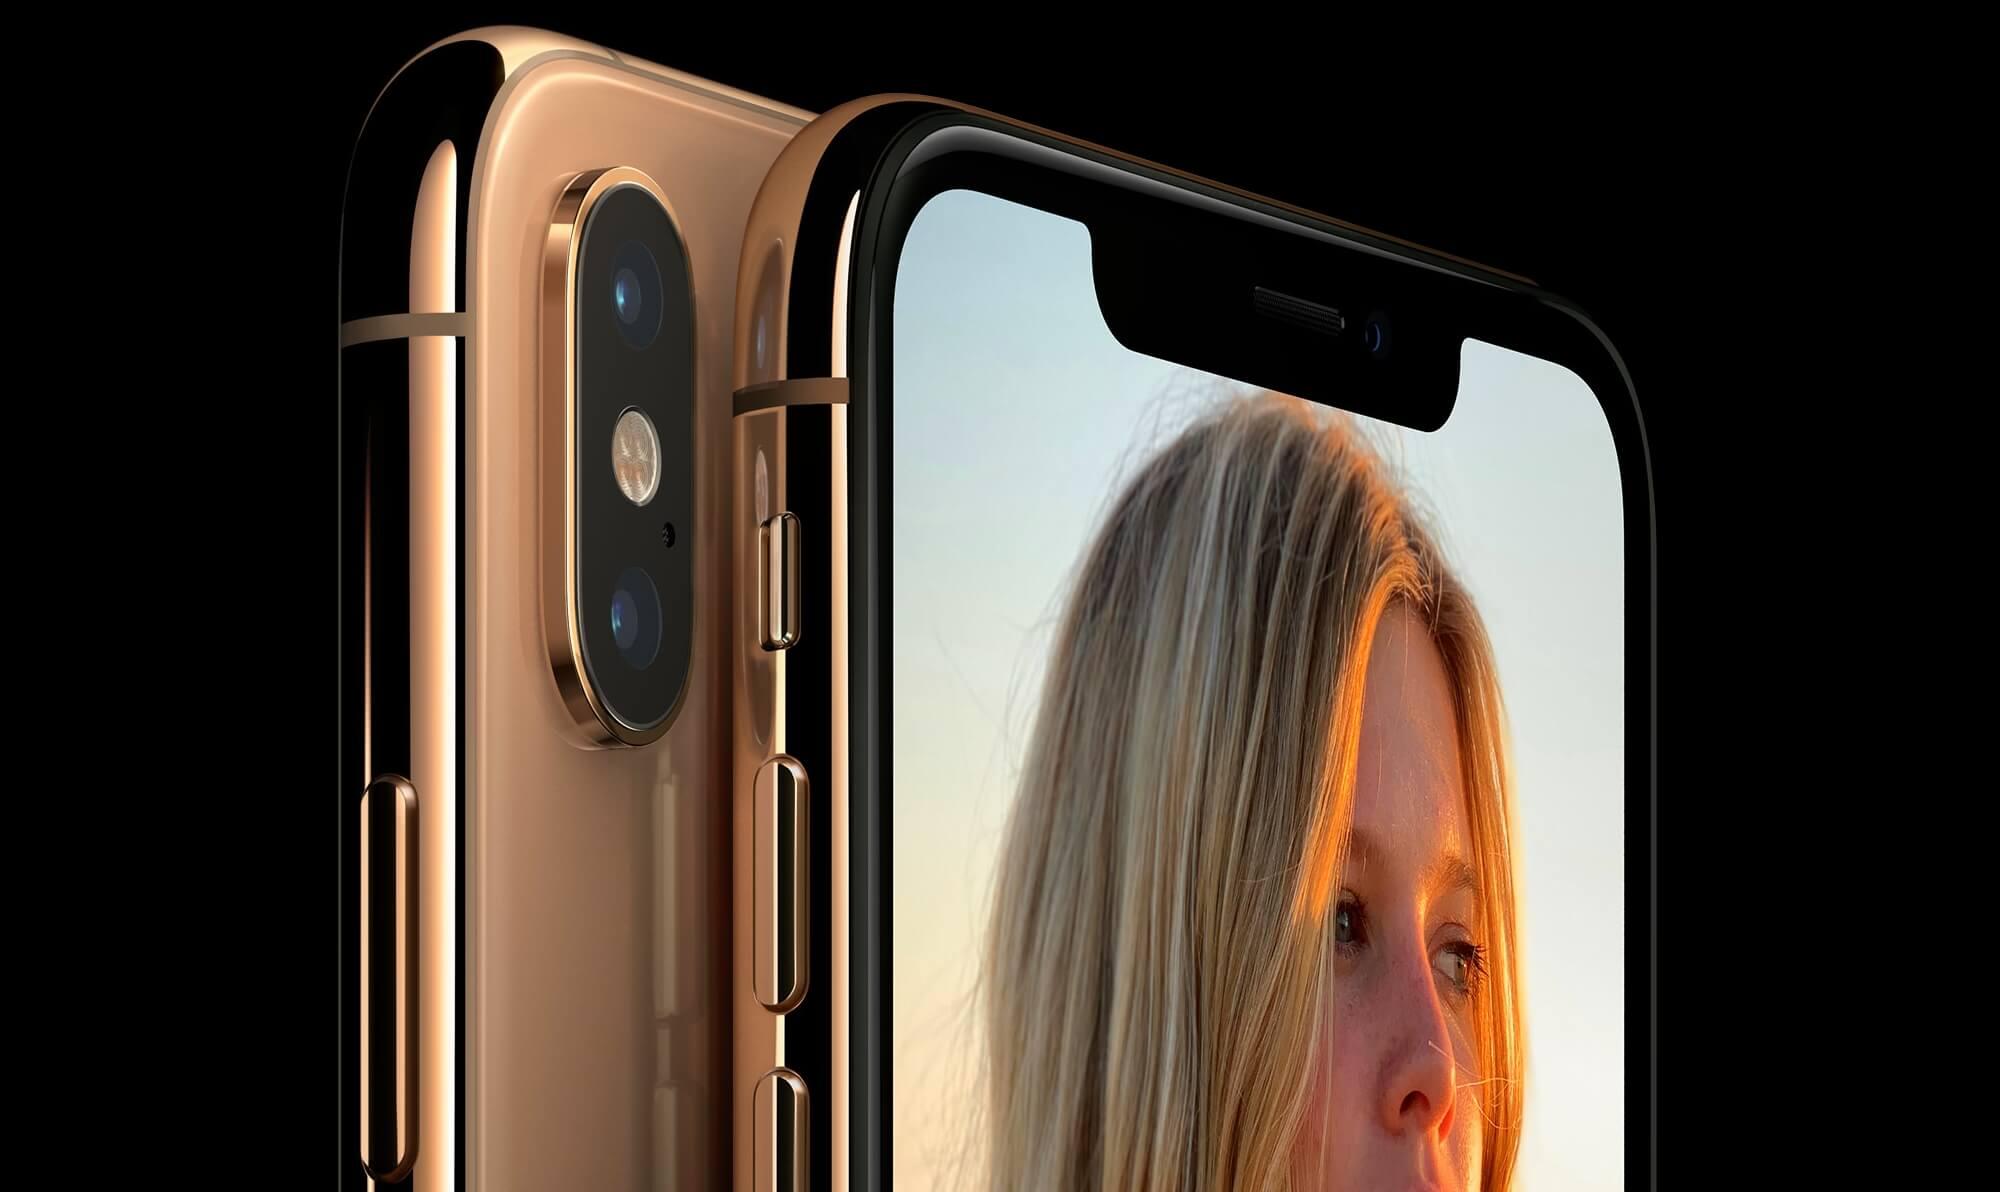 Новые iPhone XS, XS Max и XR: на что следует обратить внимание - фото 110 | Сервисный центр Total Apple